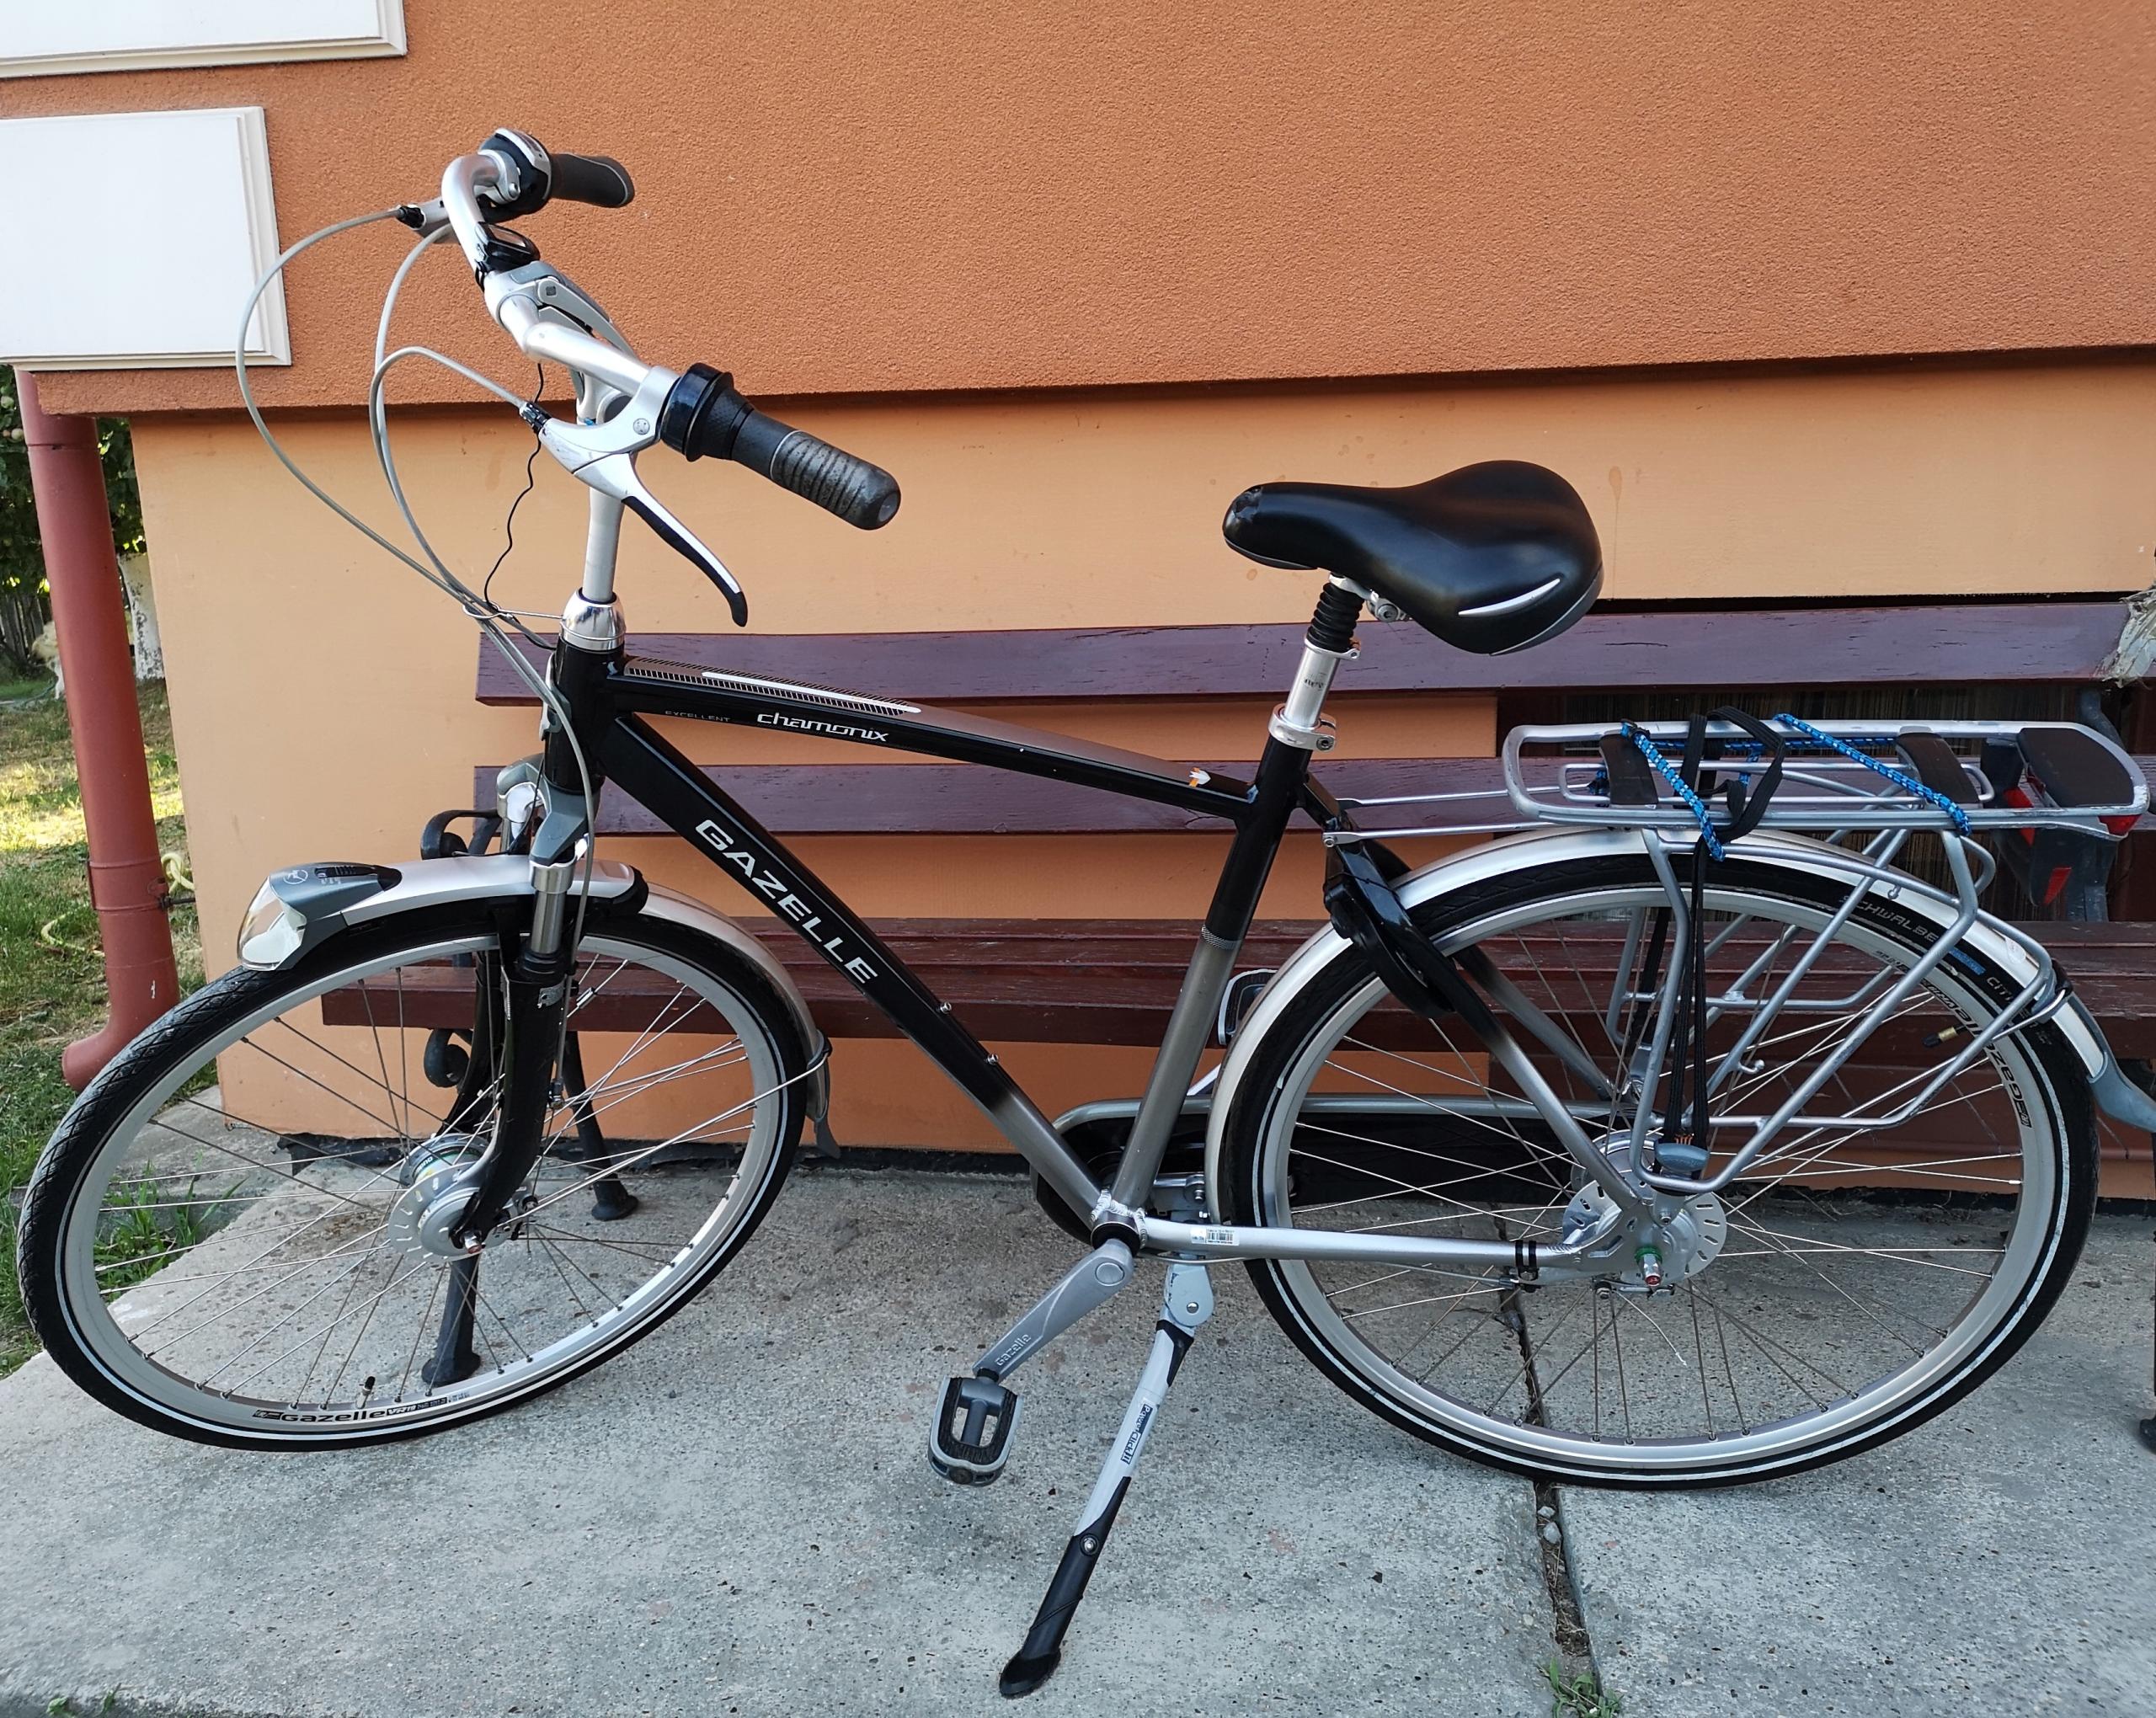 OKAZJA !! Gazelle Chamonix h53 rower meski miejski